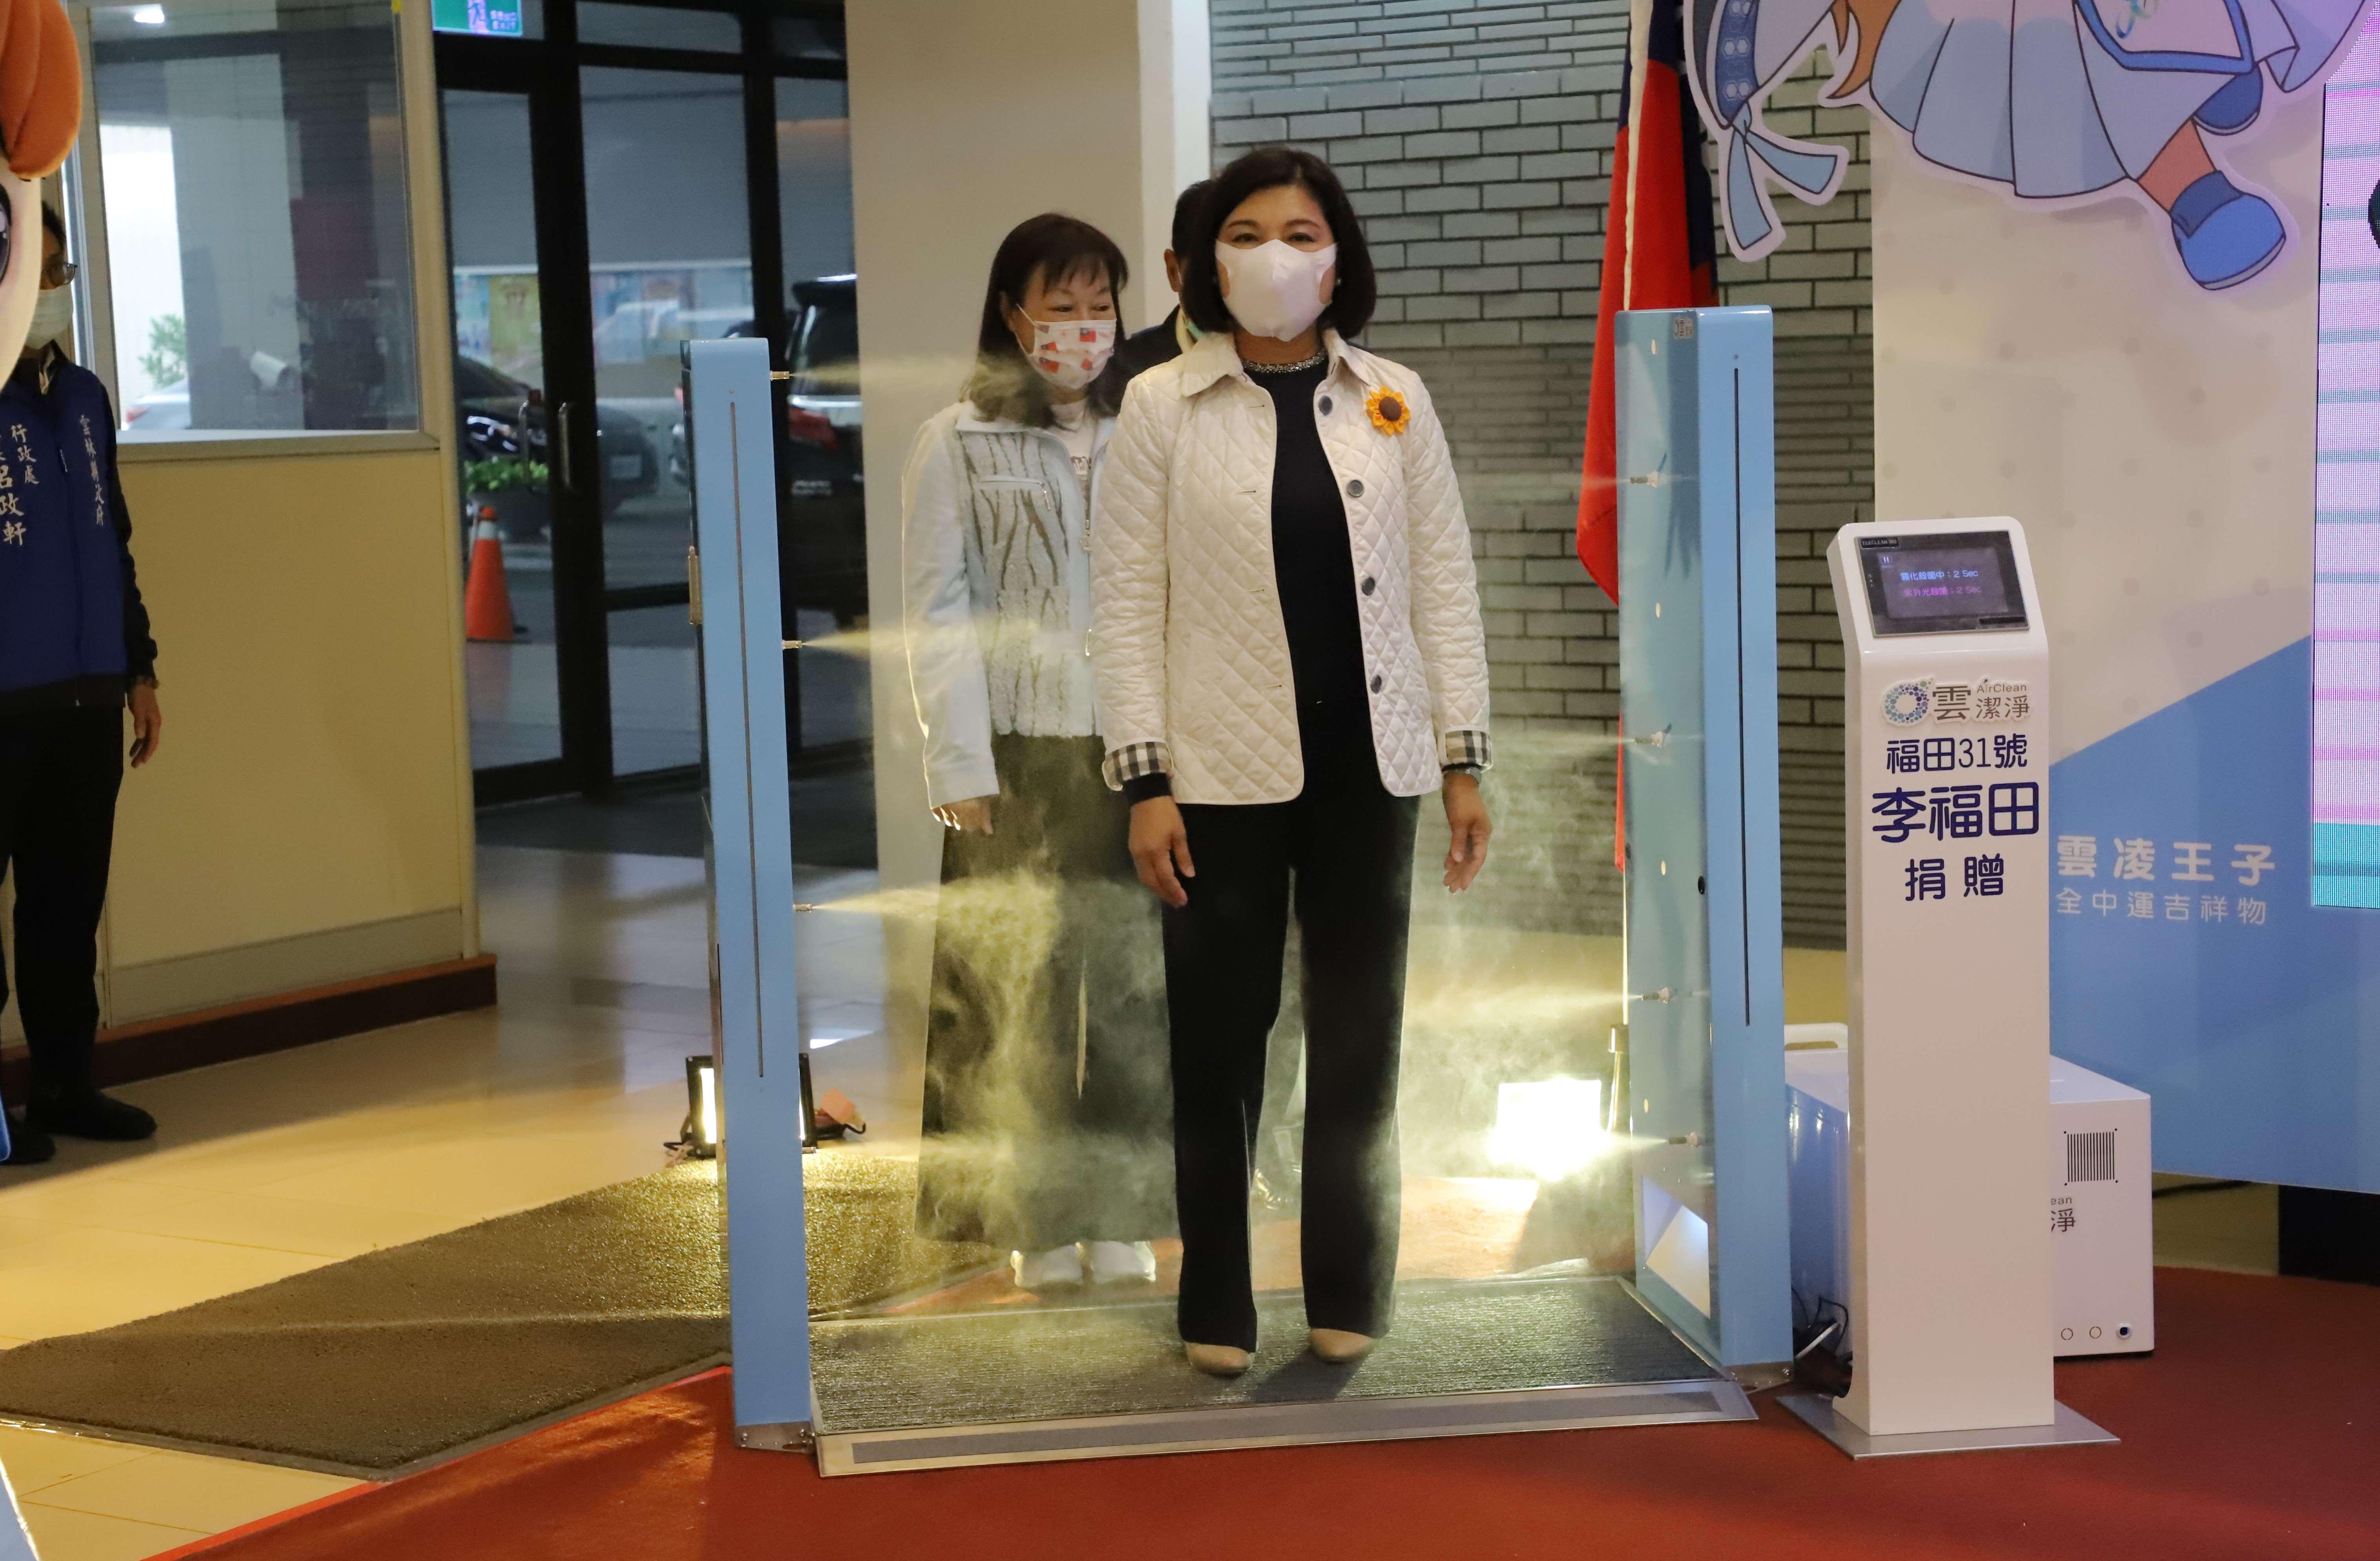 防疫智能潔淨門,每座每次可進行1萬人次的消毒,每次消毒作業僅需2秒鐘。